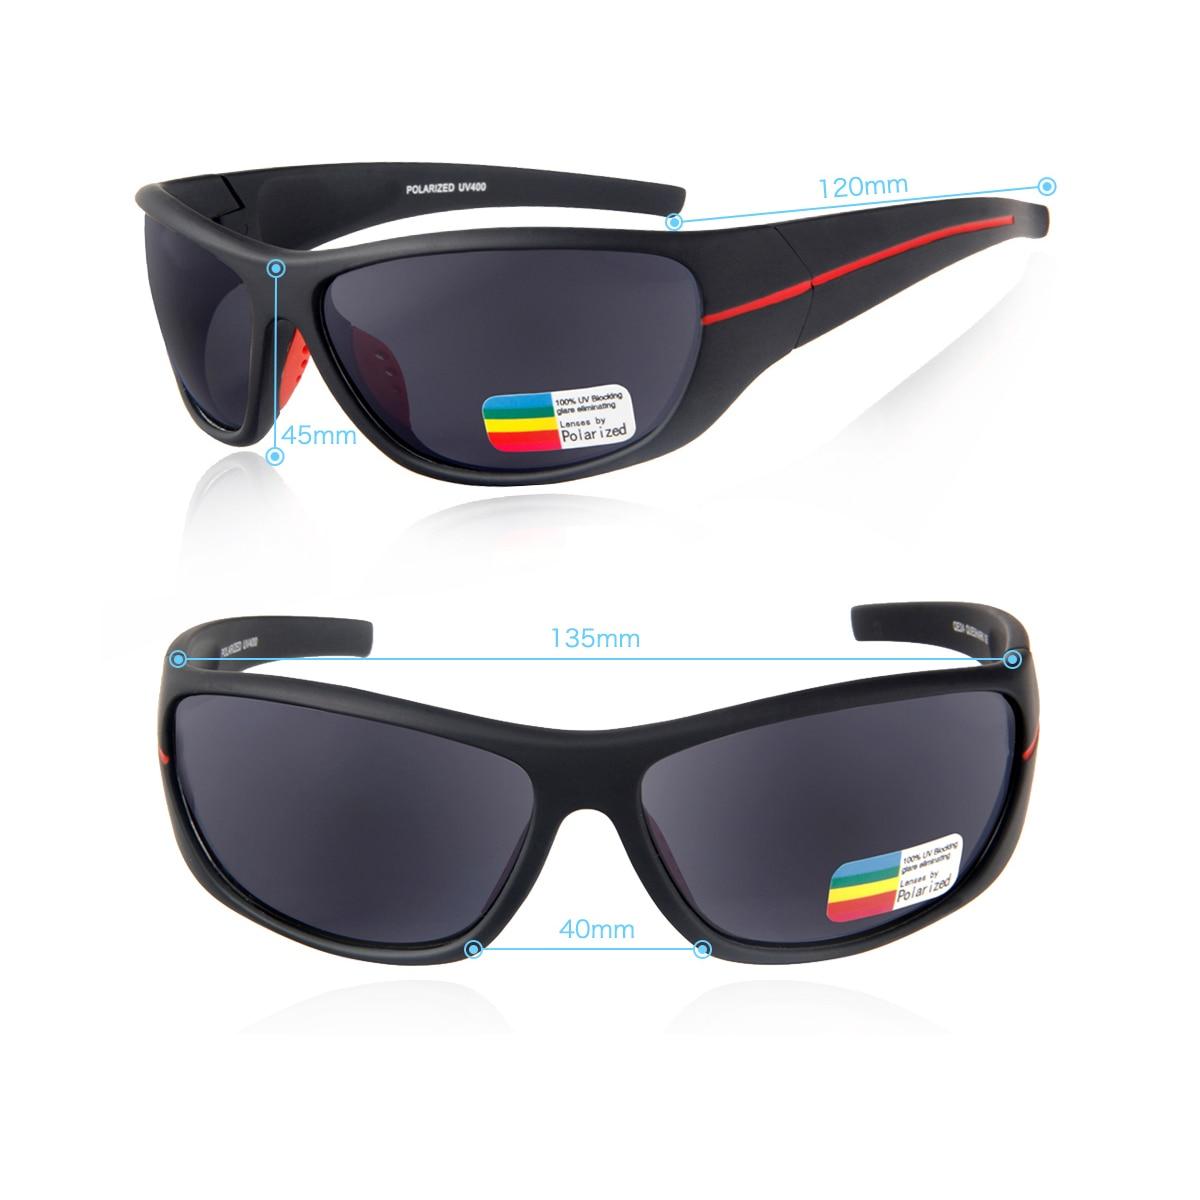 Поляризационные солнцезащитные очки QUESHARK TR90 с оправой HD, профессиональные очки для рыбалки, очки для мужчин и женщин, для пешего туризма, бе...